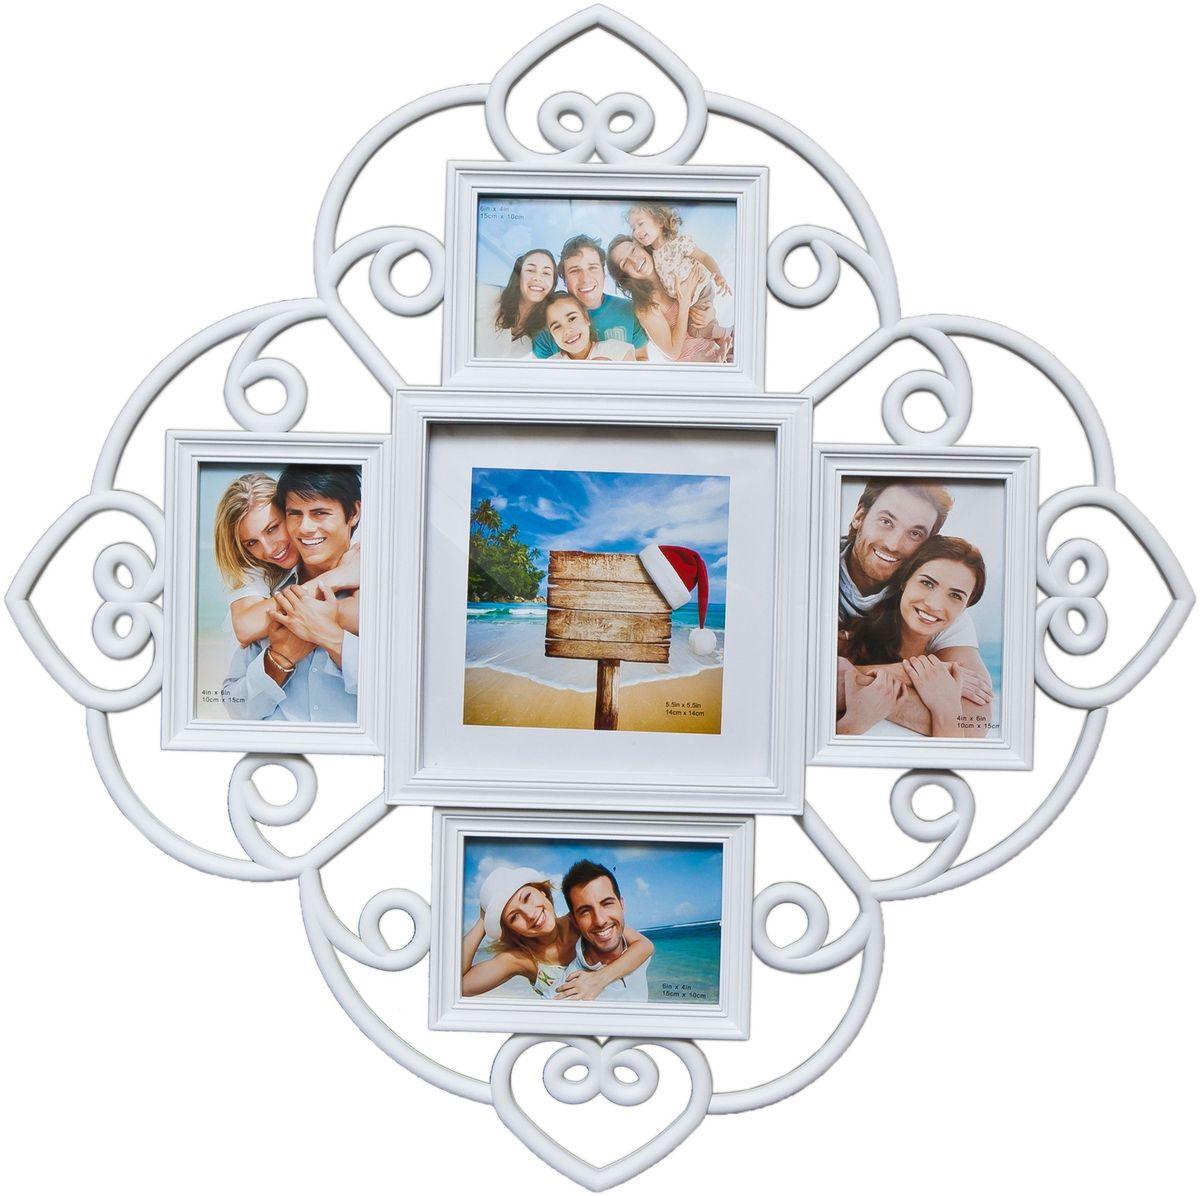 Фоторамка Platinum, цвет: белый, на 5 фото. BH-1405PLATINUM BH-1405-White-БелыйФоторамка Platinum - прекрасный способ красиво оформить ваши фотографии. Фоторамка выполнена из пластика и защищена стеклом. Фоторамка-коллаж представляет собой пять фоторамок для фото разного размера оригинально соединенных между собой. Такая фоторамка поможет сохранить в памяти самые яркие моменты вашей жизни, а стильный дизайн сделает ее прекрасным дополнением интерьера комнаты. Фоторамка подходит для 4 фото 10 х 15 см и 1 фото 14 х 14 см. Общий размер фоторамки: 53 х 53 см.